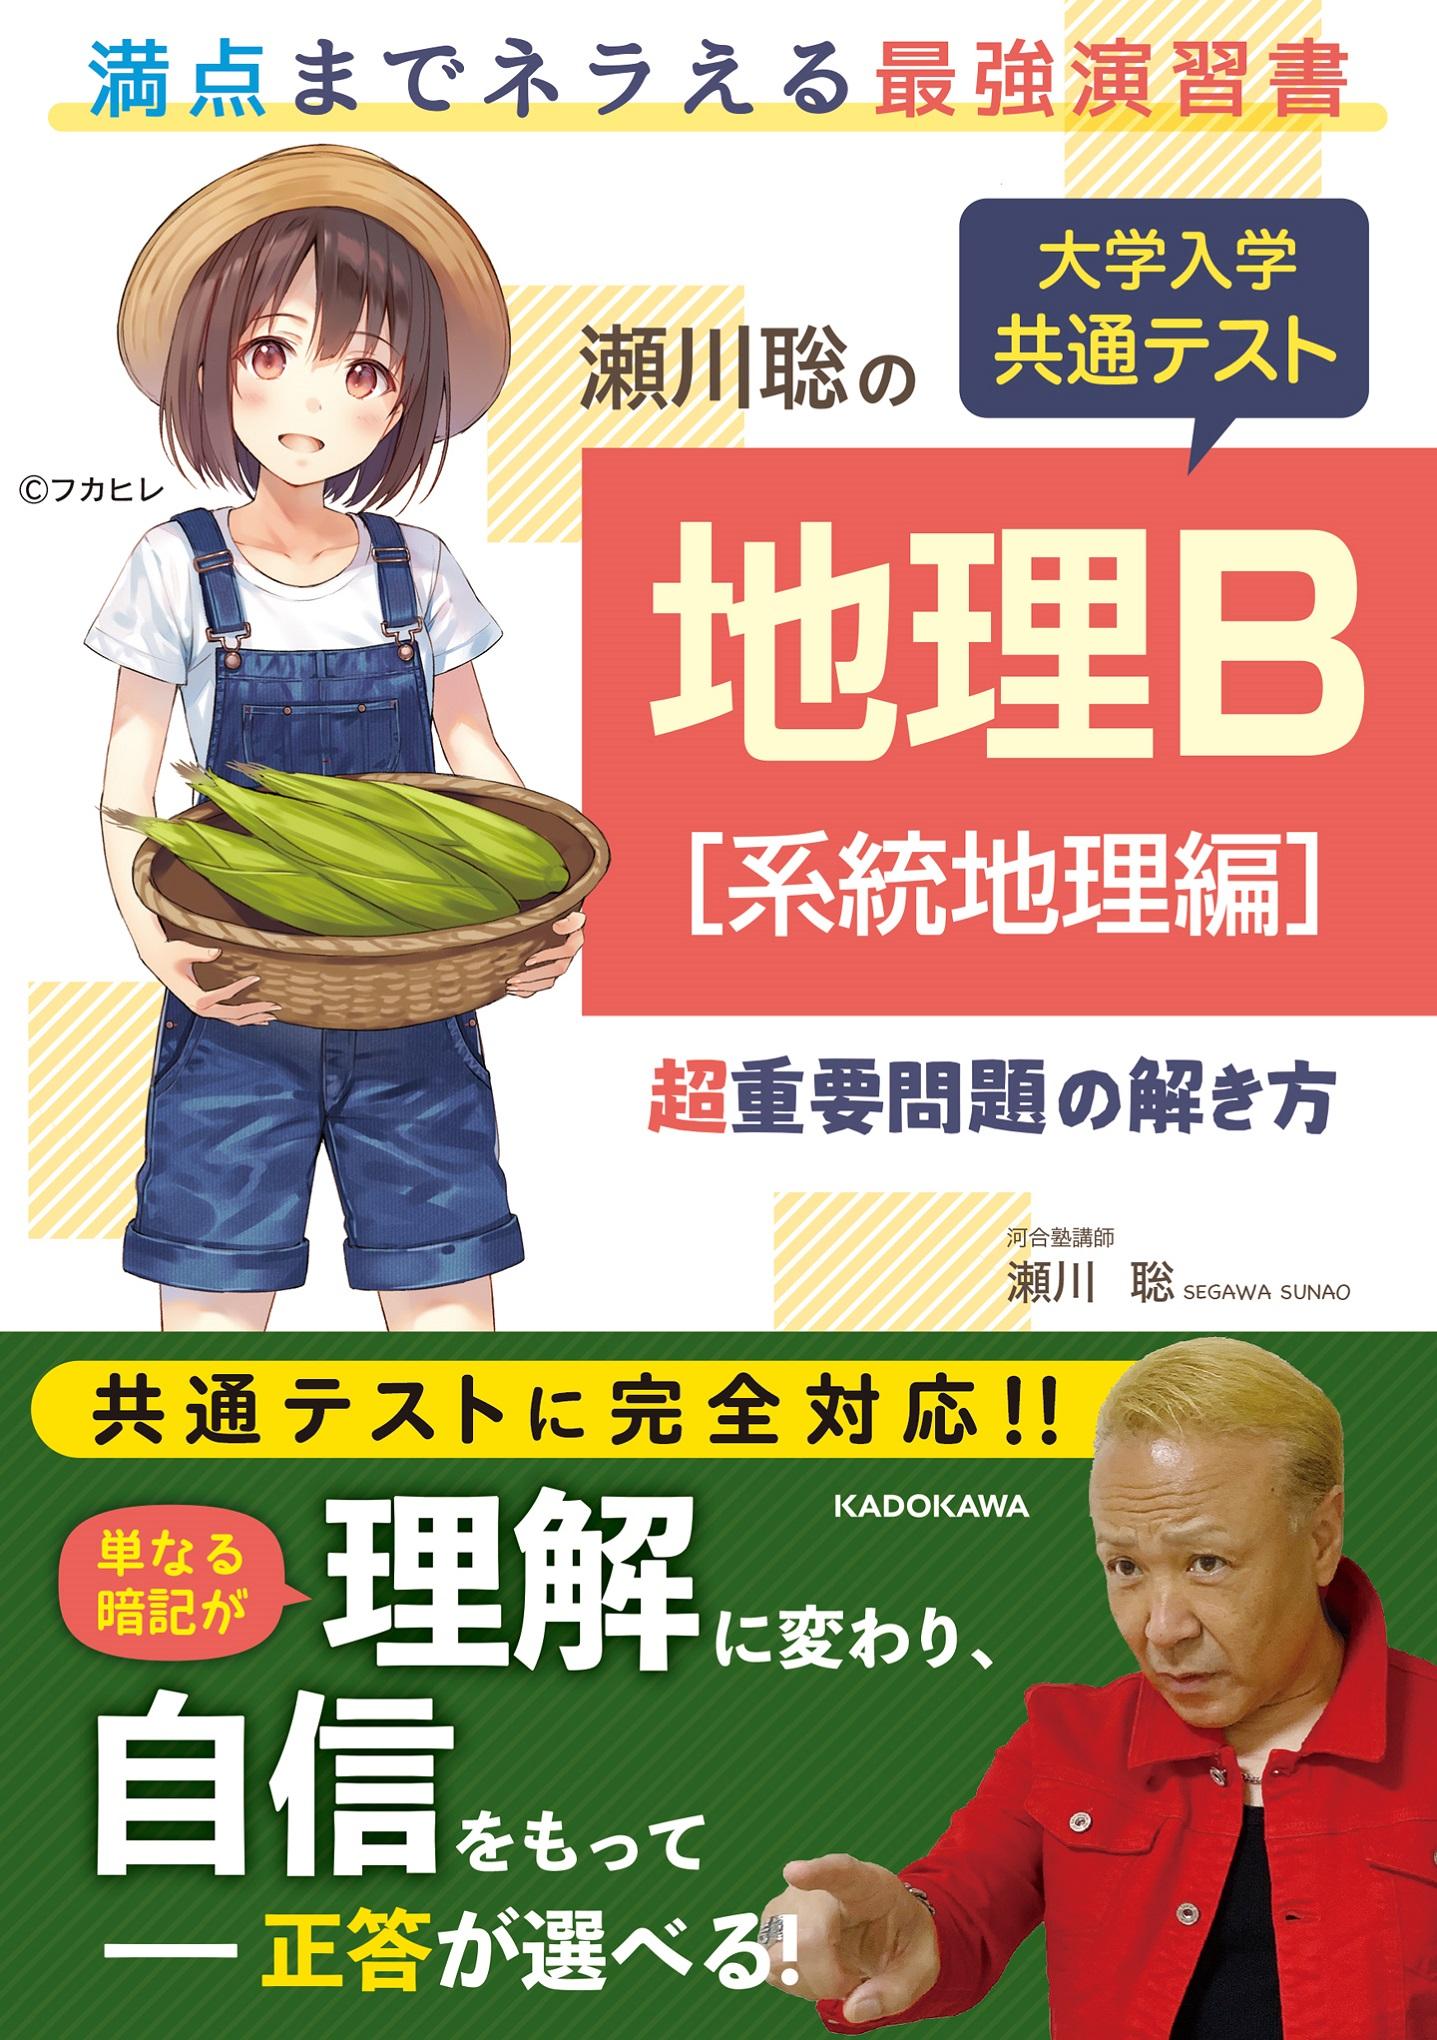 瀬川聡の 大学入学共通テスト 地理B[系統地理編]超重要問題の解き方